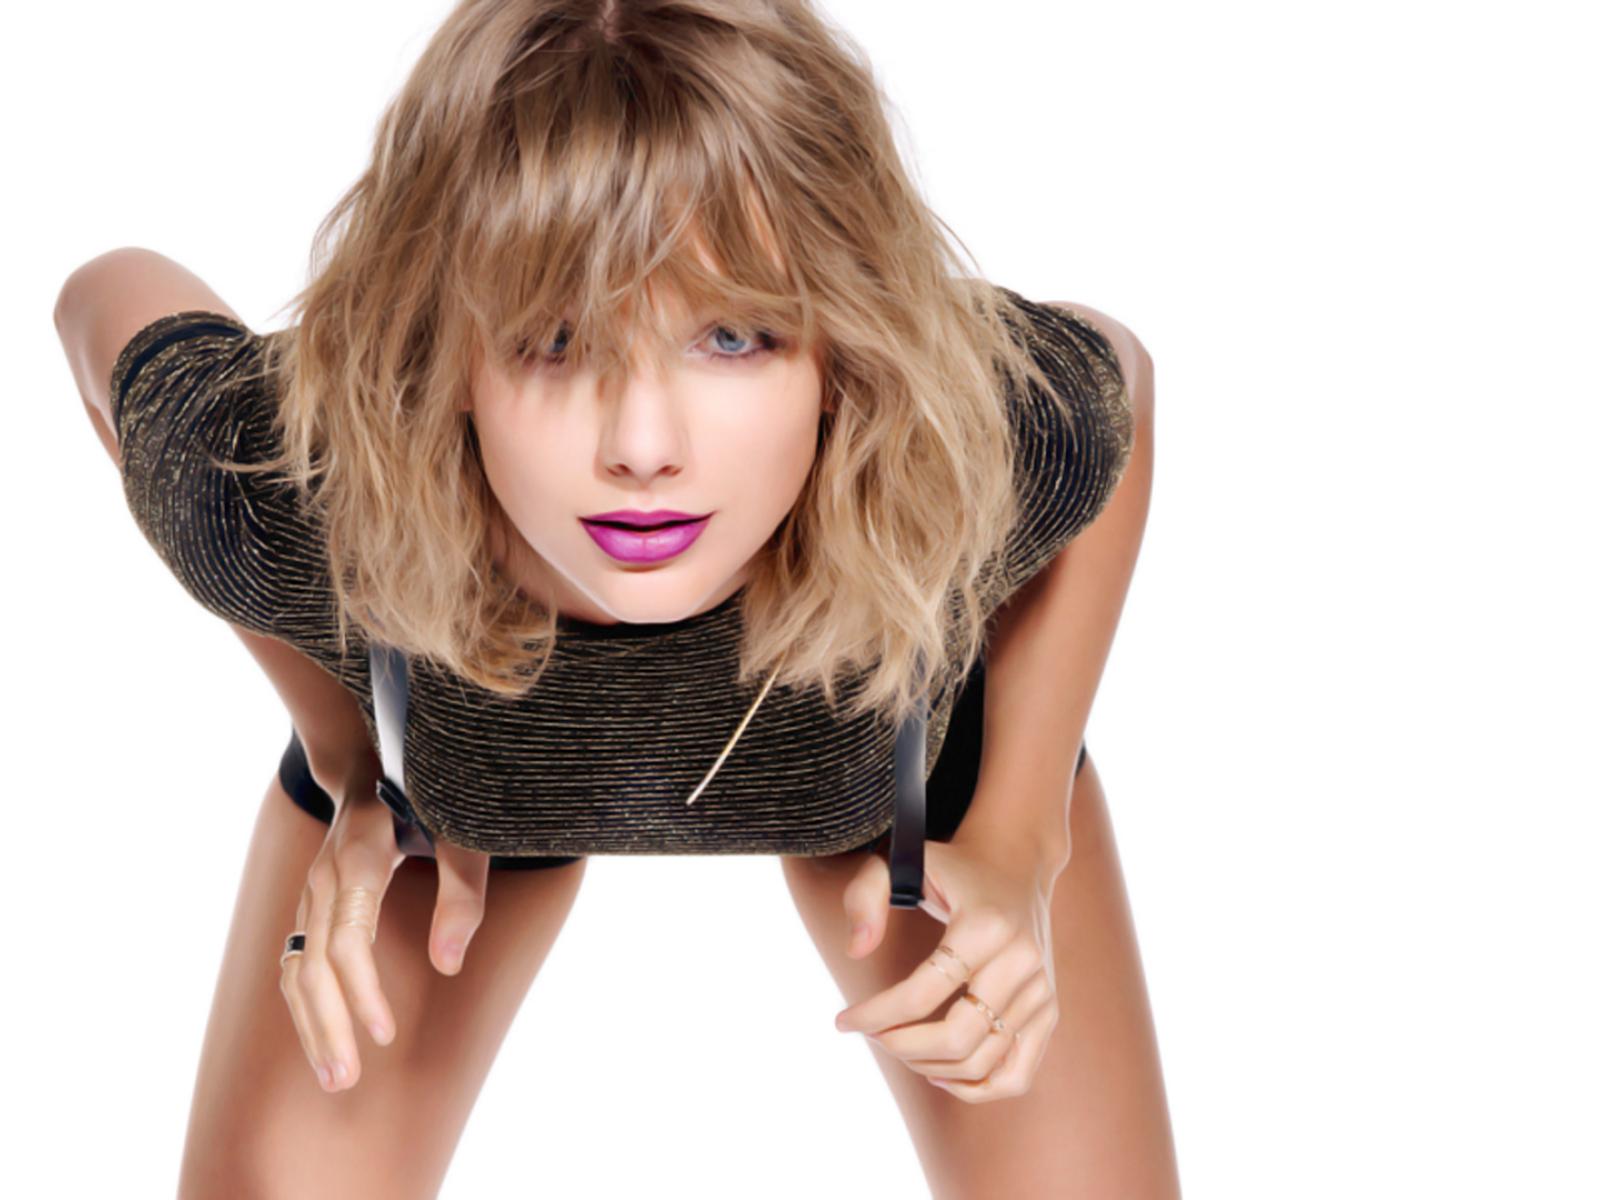 Taylor Swift 2017 Latest, Full HD Wallpaper